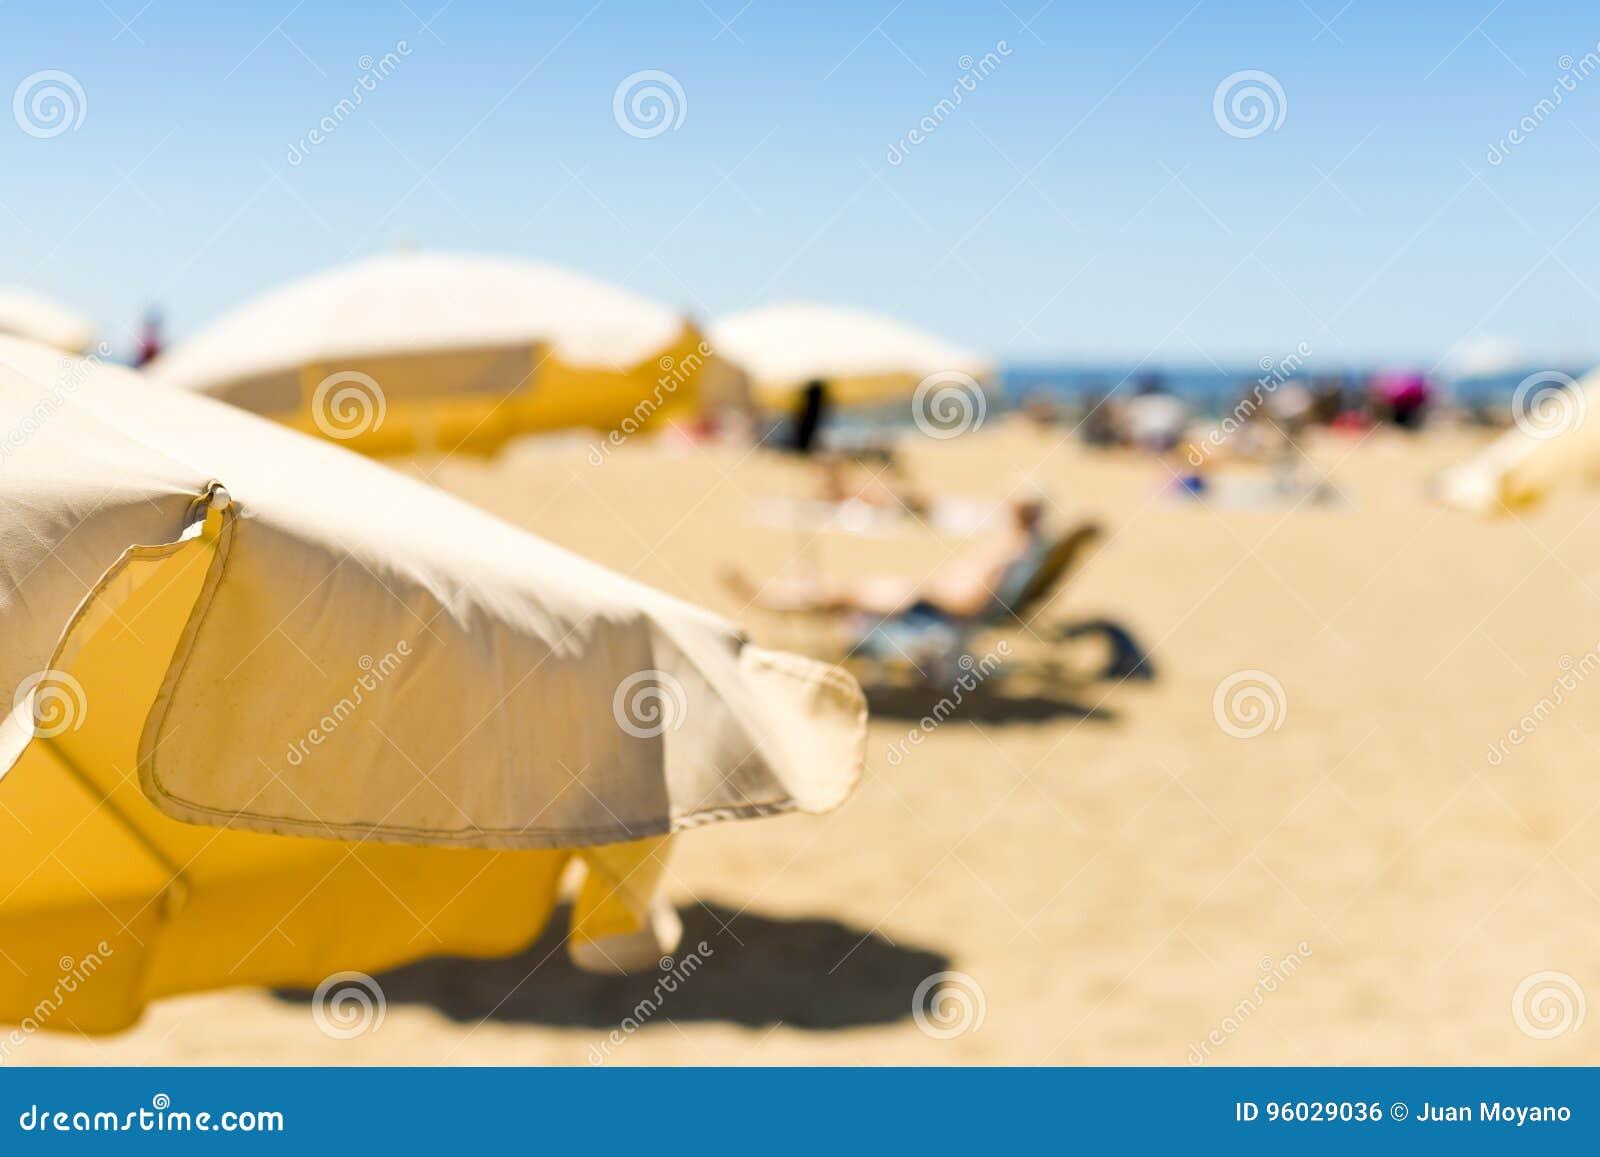 Parasole w plaży w morzu śródziemnomorskim